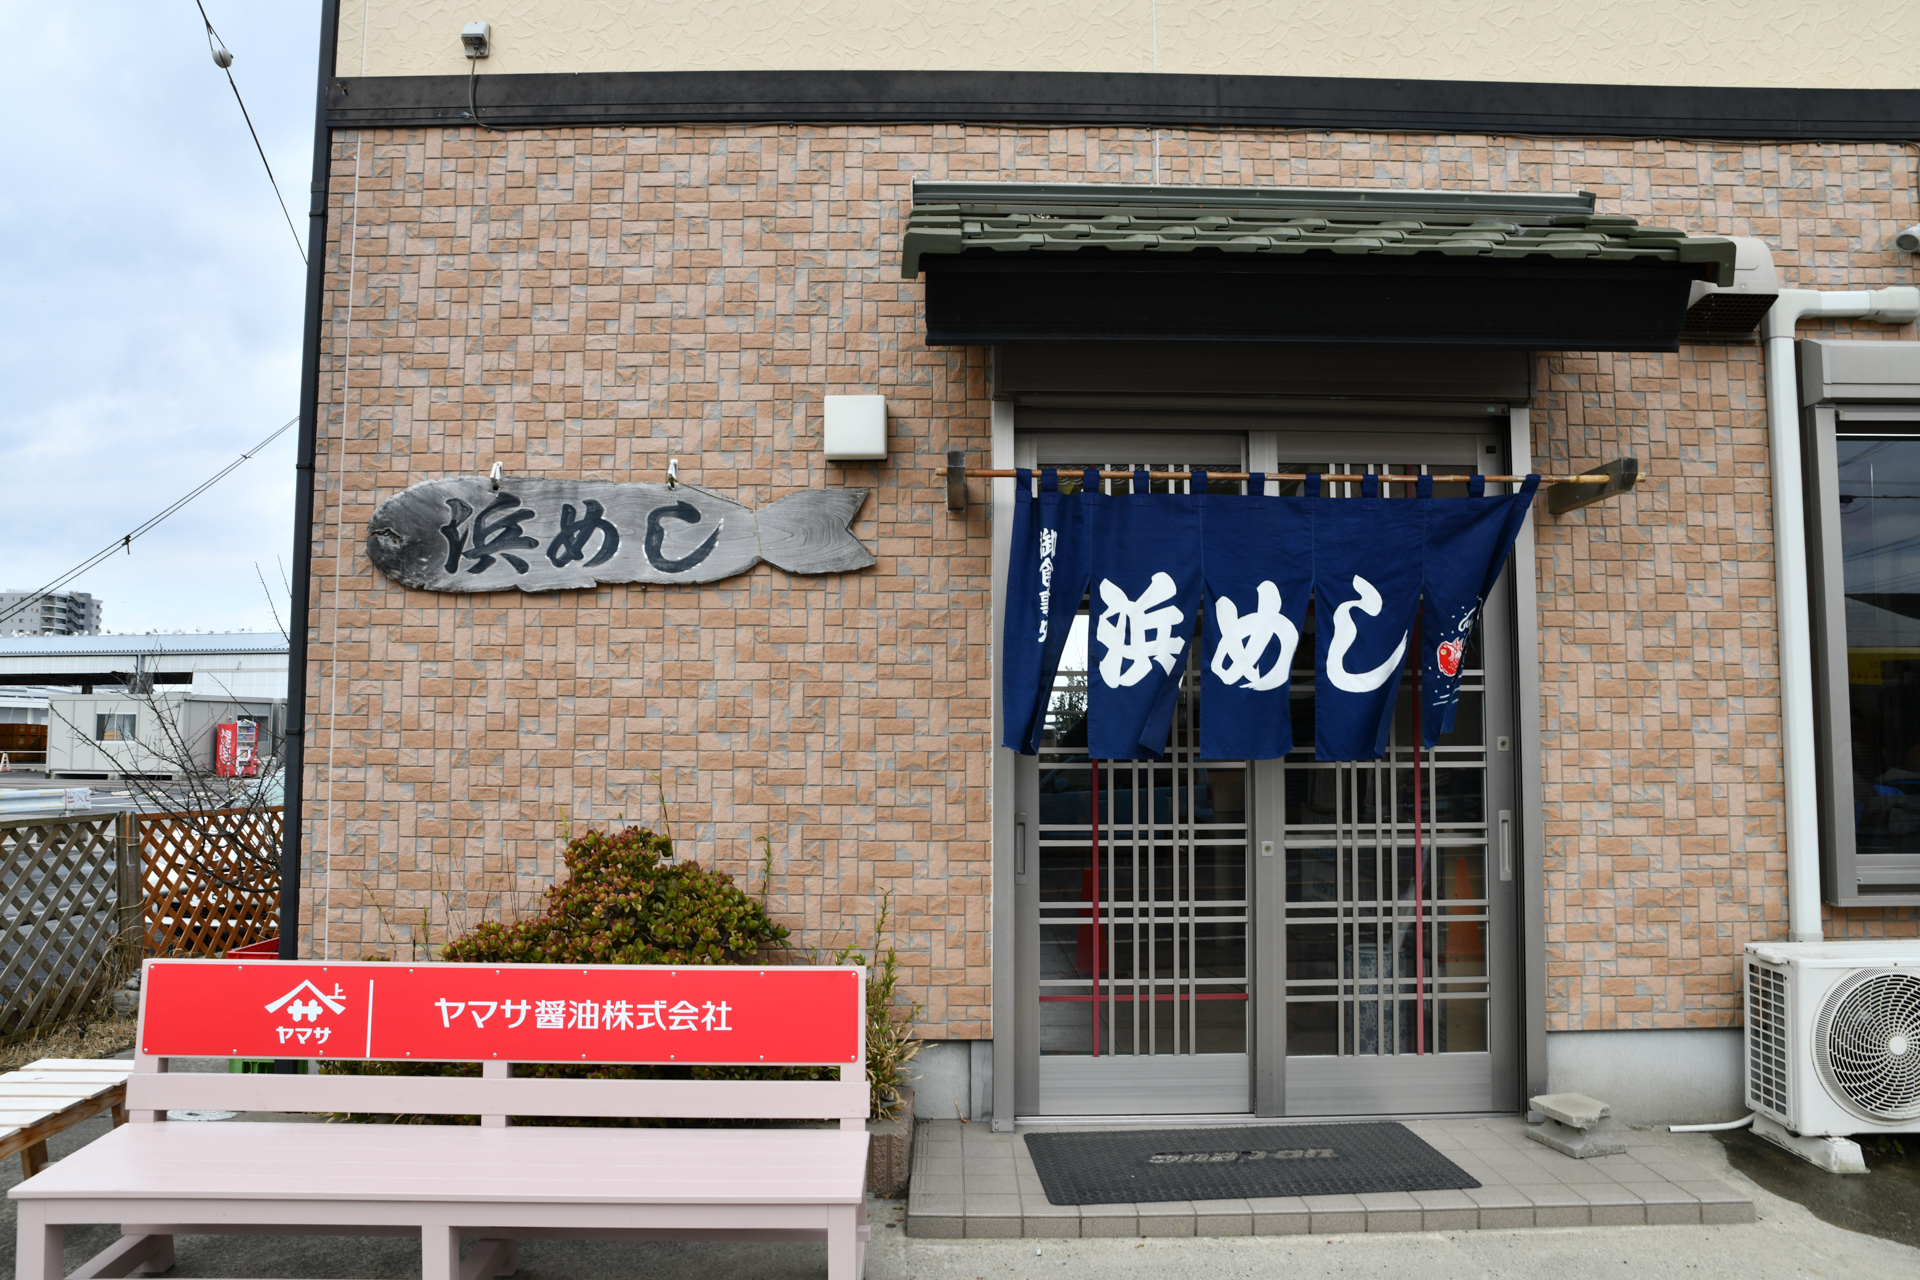 千葉県 銚子 浜めし Nikon D850 SP 24-70mm F/2.8 Di VC USD G2